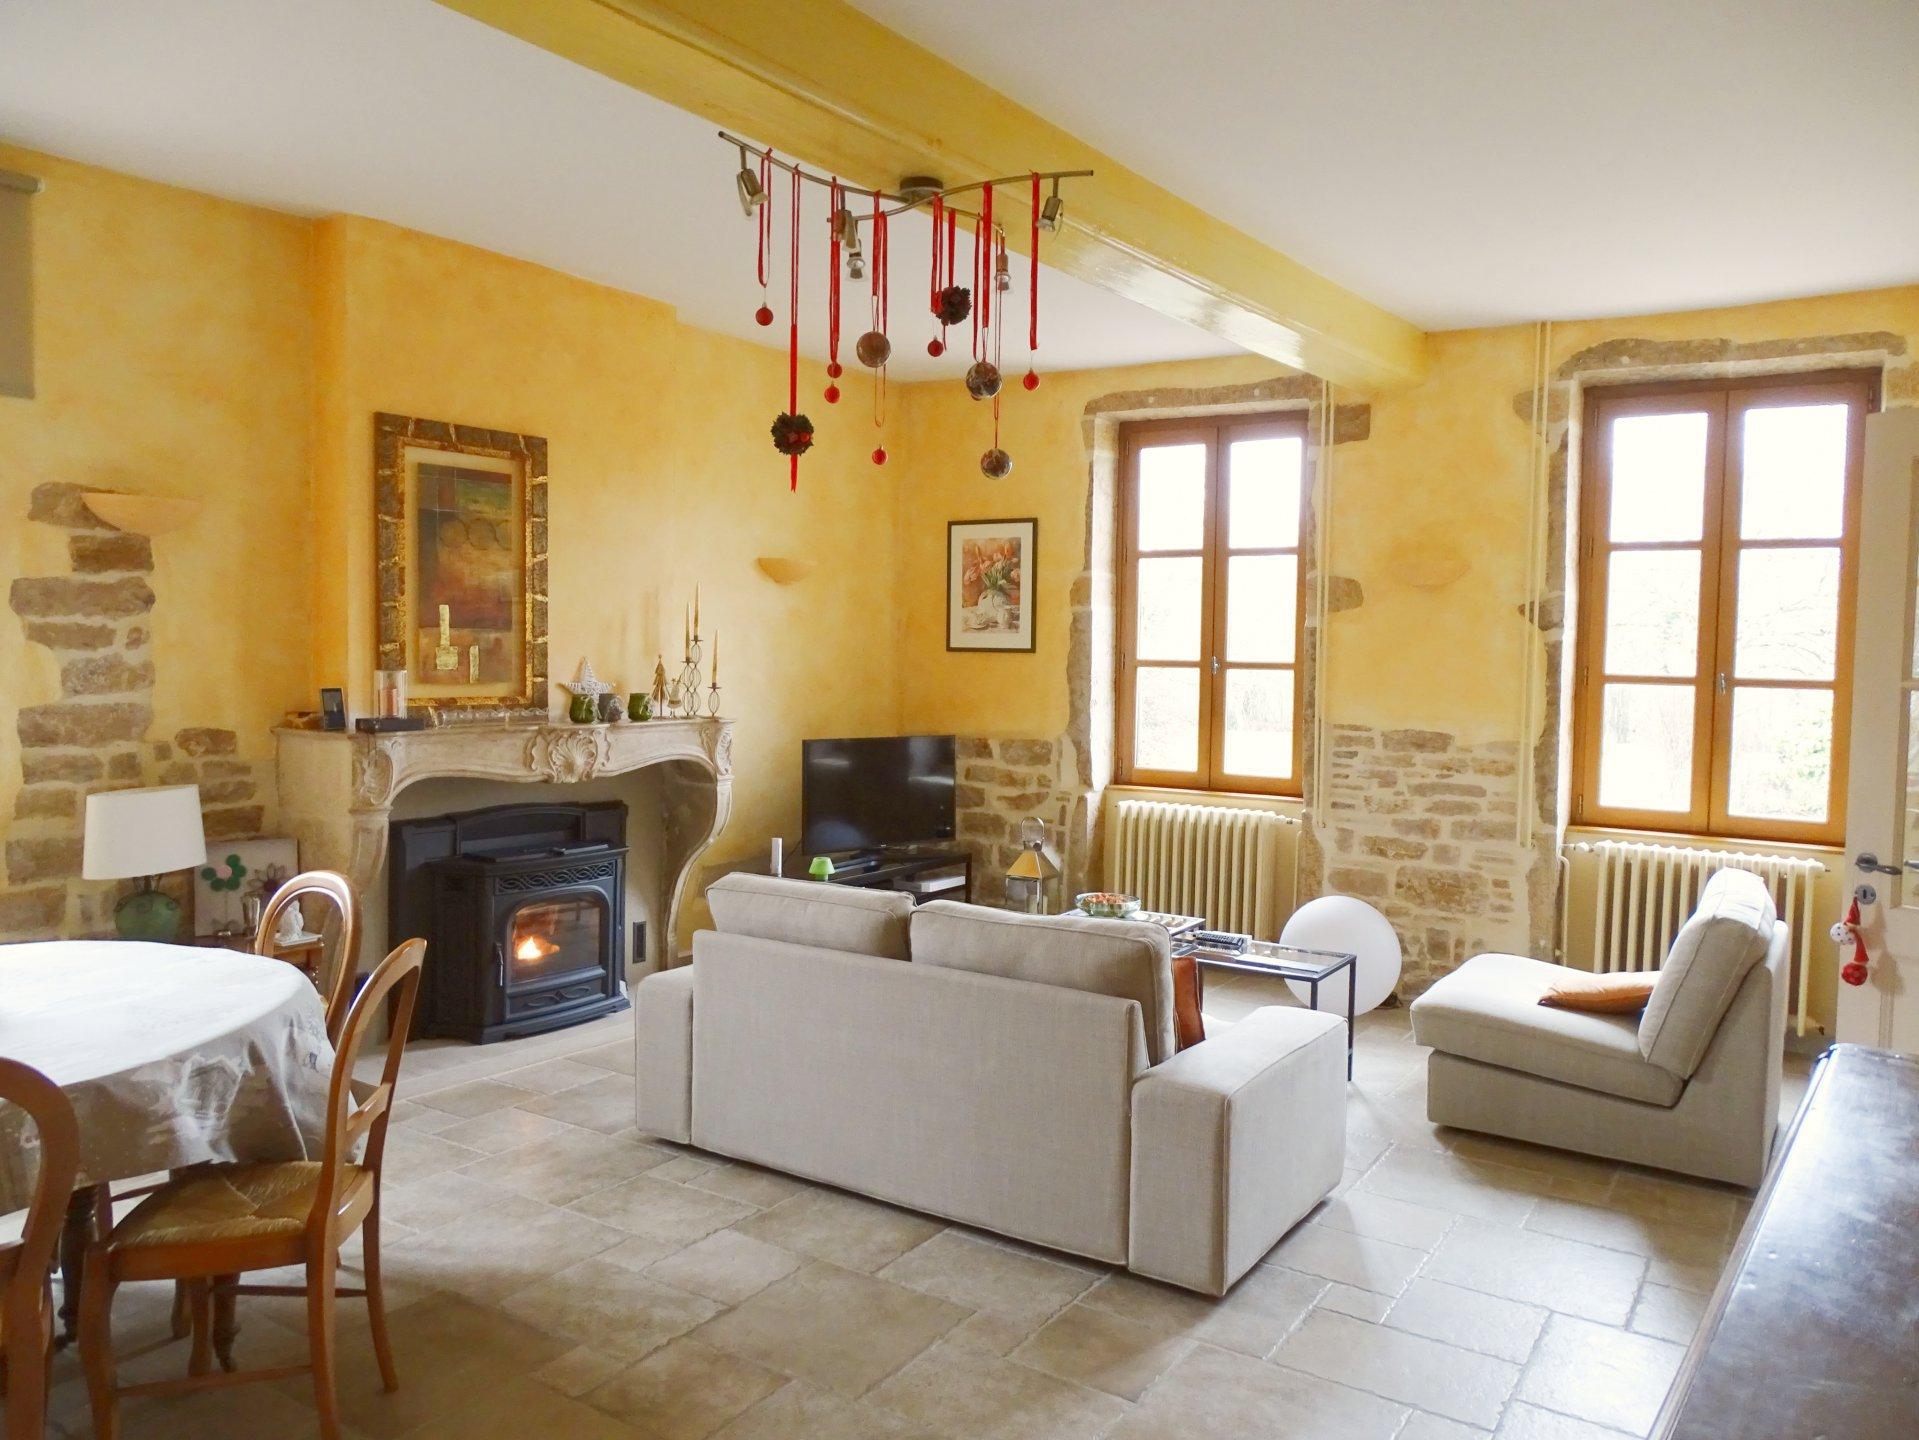 Dans un village tout proche de Pont de veyle, venez découvrir cette maison du XIXème siècle magnifiquement rénovée offrant une surface habitable de 142 m². Elle se compose d'une belle cuisine équipée, d'une vaste pièce de vie avec son poêle à granulés, d'une chambre ainsi que d'un toilette avec son lave mains. A l'étage, vous trouverez 3 grandes chambres ainsi qu'une salle d'eau. Ce bien est doté d'un grenier aménageable de 60 m², d'un garage, et d'une cave.  Cette maison de caractère saura vous séduire par son environnement très calme, sa rénovation de qualité, ses beaux volumes, ainsi que son exposition Est/Ouest. Le tout est implanté sur une terrain de 900 m². Honoraires à la charge du vendeur.